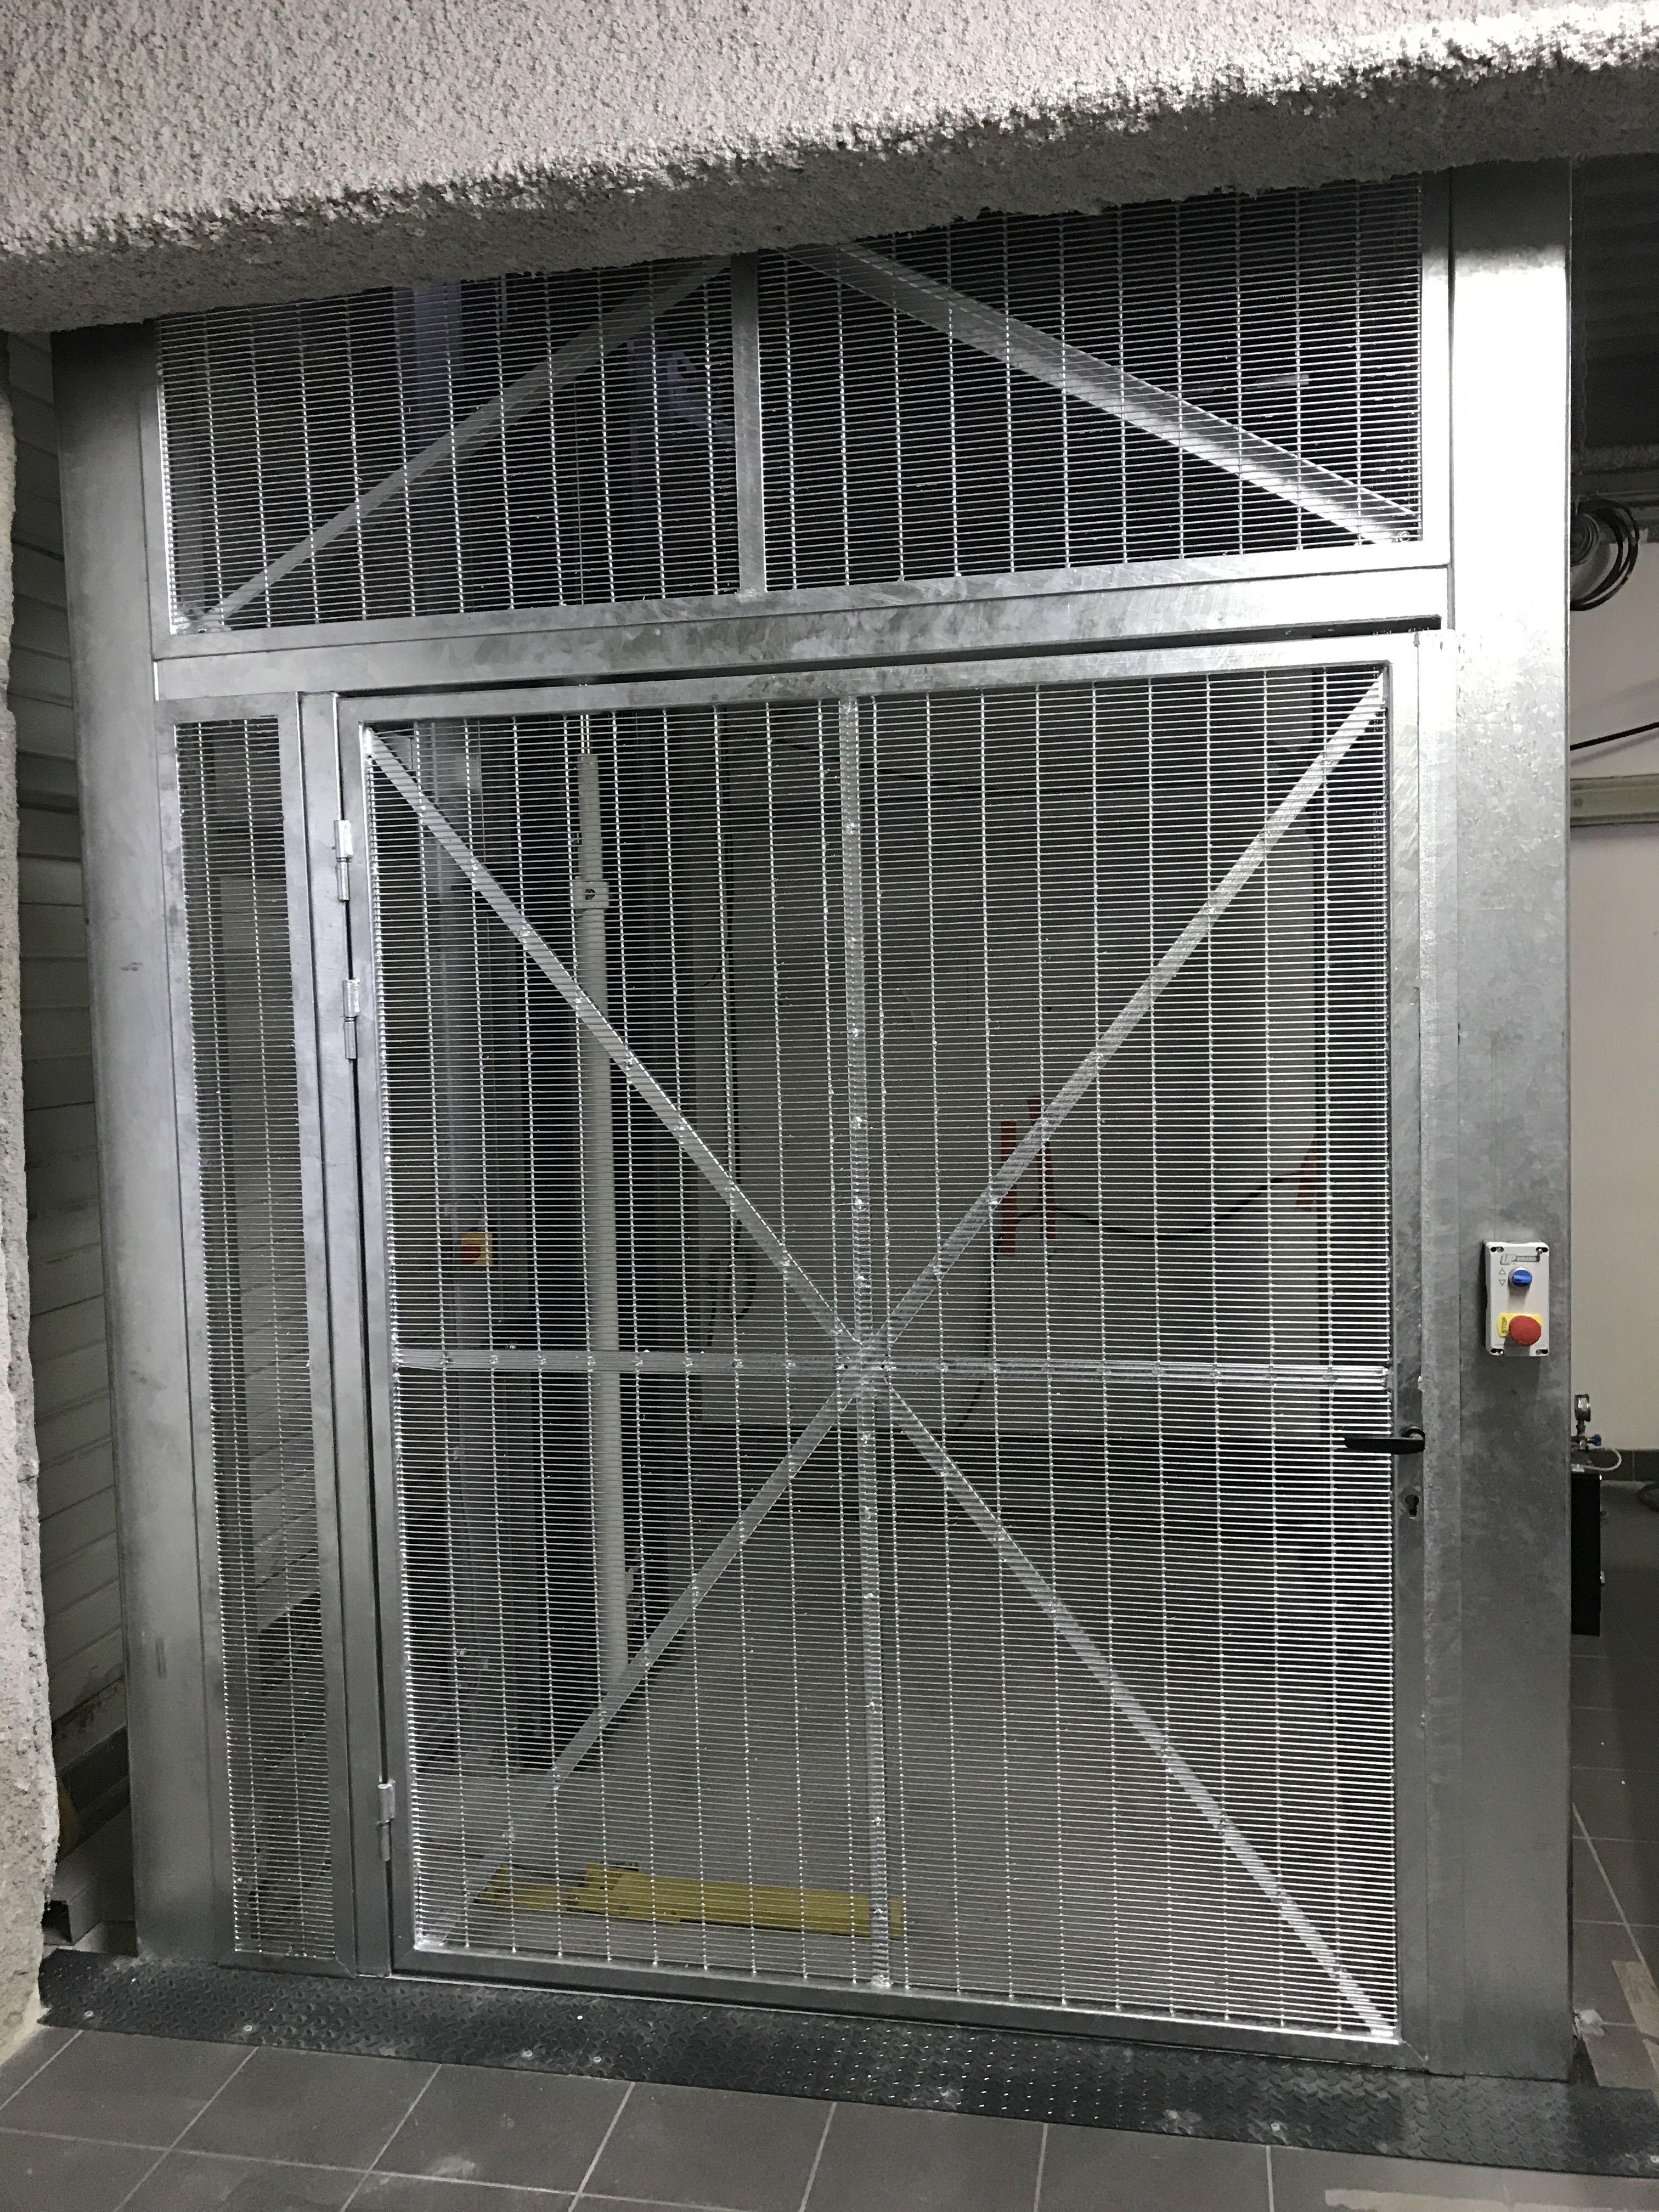 Ingenieux Systeme De Poulie Et Contre Poids Pour Cette Escalier Escamotable Escalier Escamotable Escalier Idees Escalier